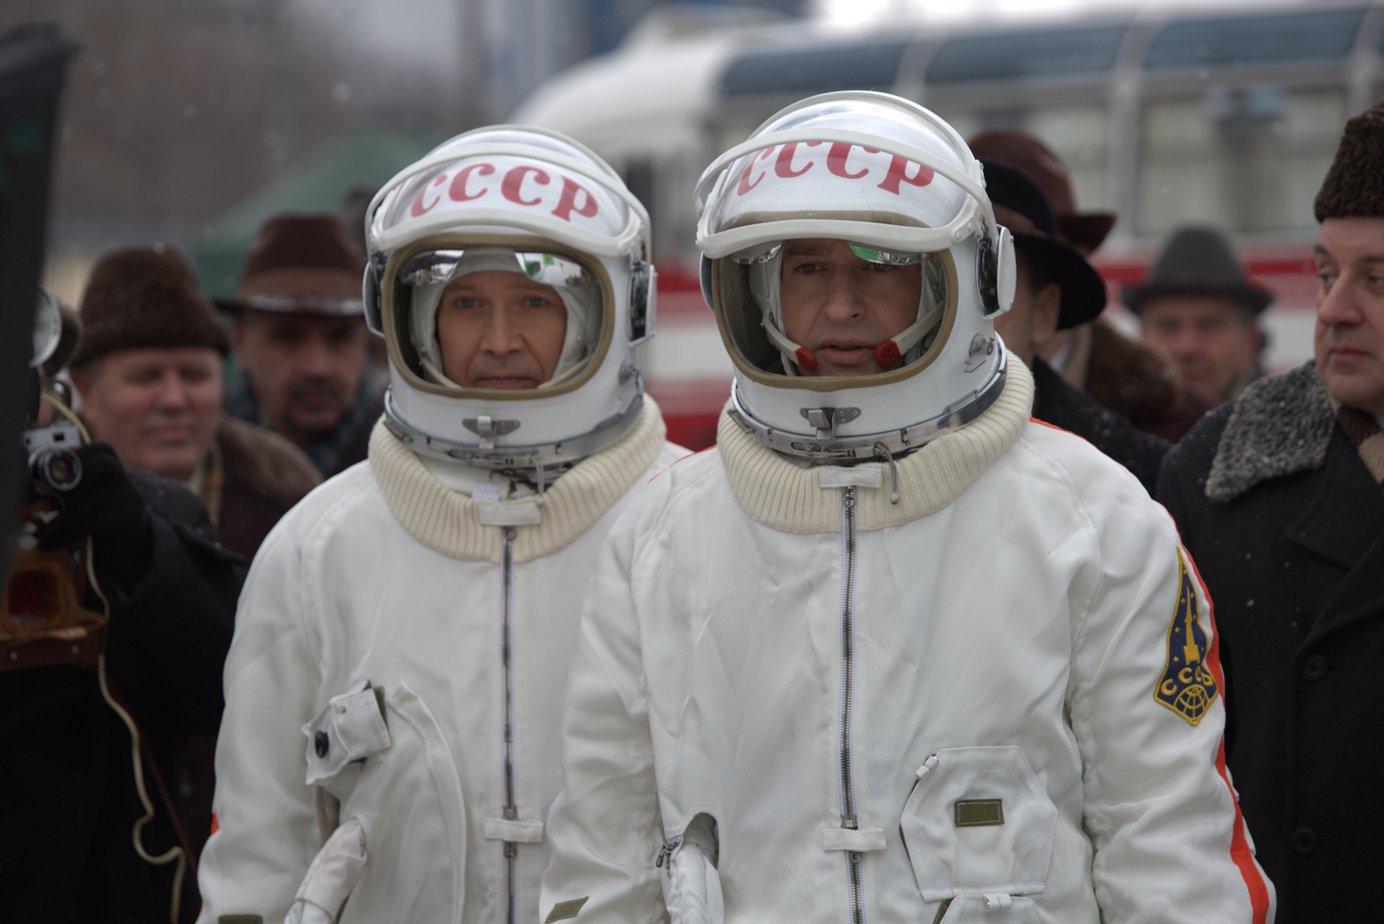 Гагарин Первый в космосе скачать торрент в хорошем